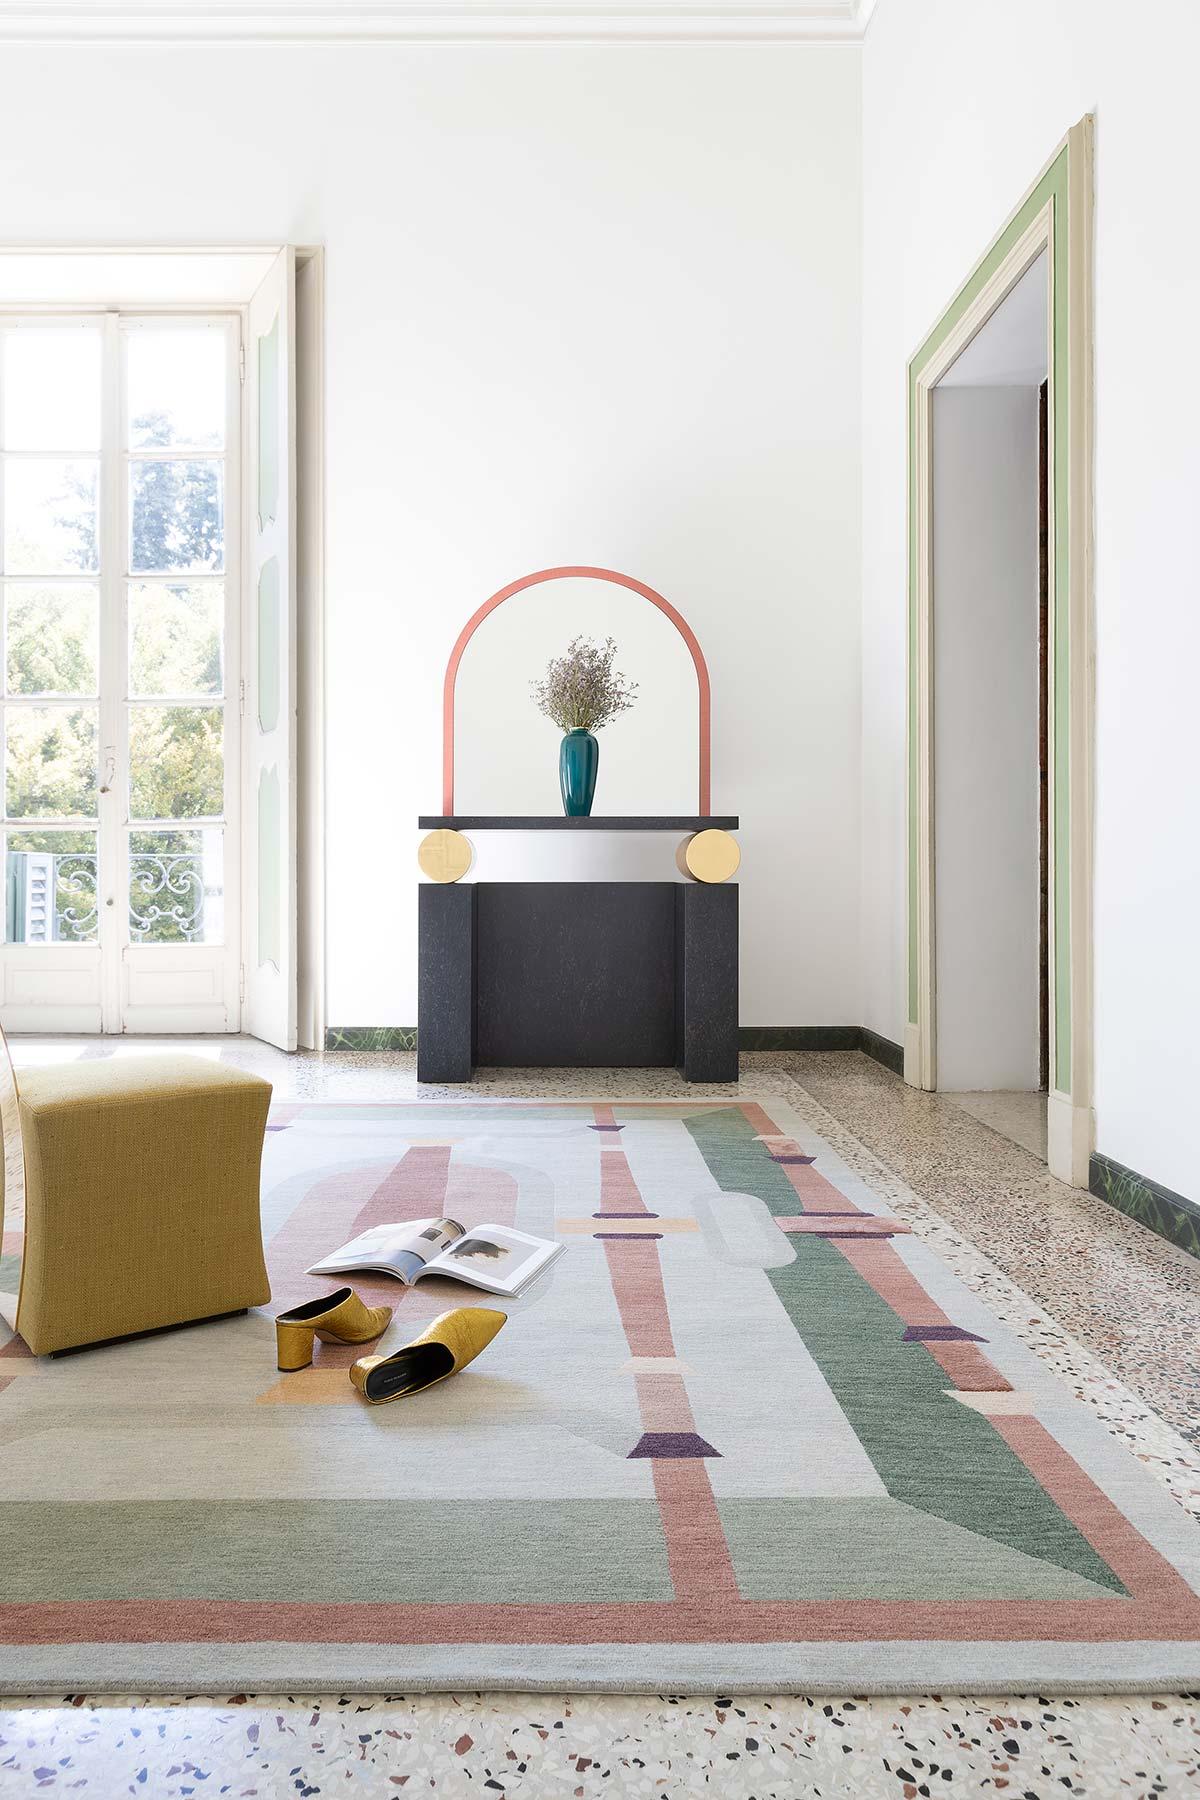 Nastagio by CC-Tapis - Design Studio Klass - Photo © Beppe Brancato